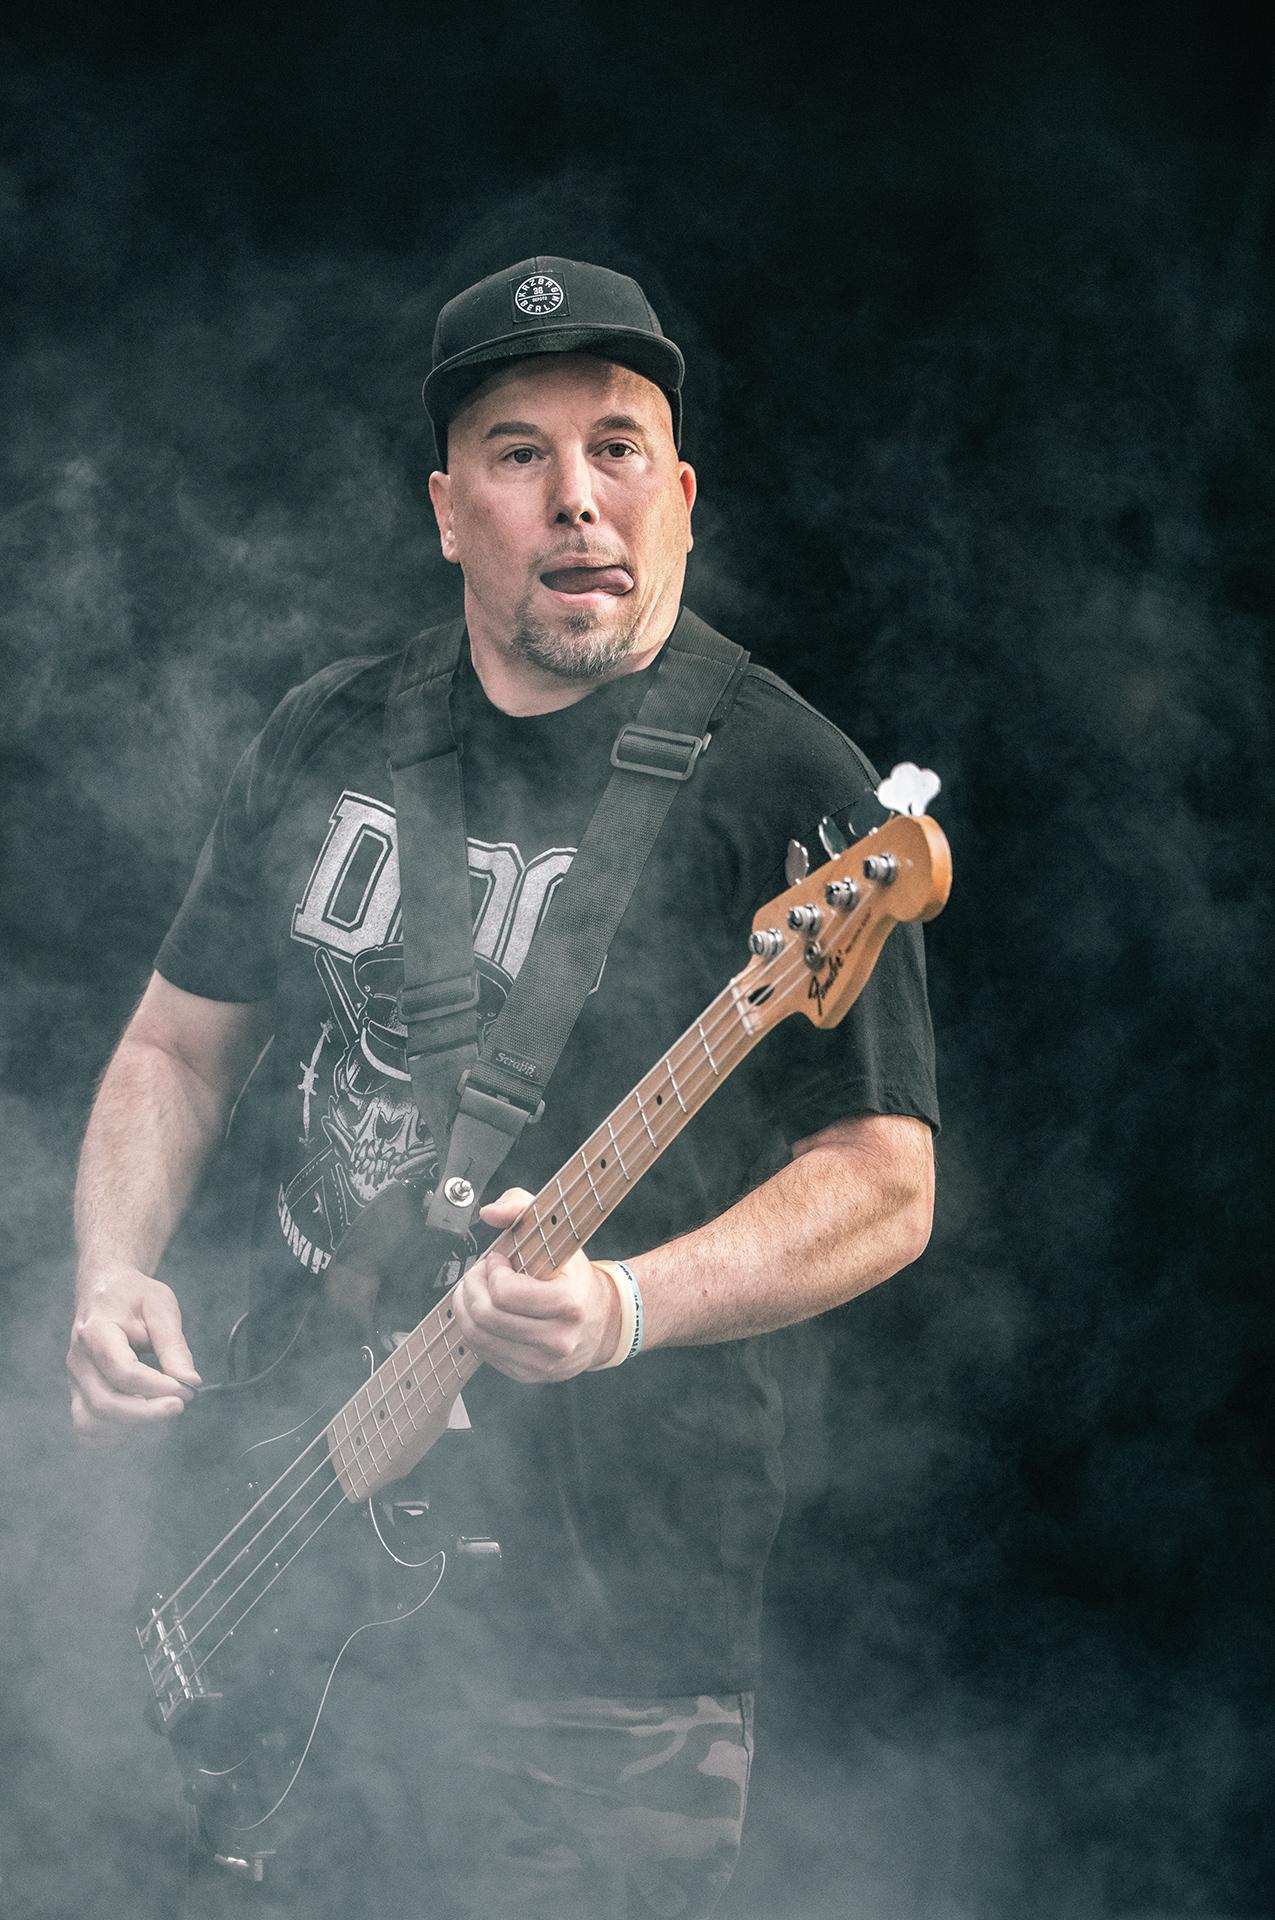 Craig Setari, Sick Of It All band, vocalist, Tuska metal festival